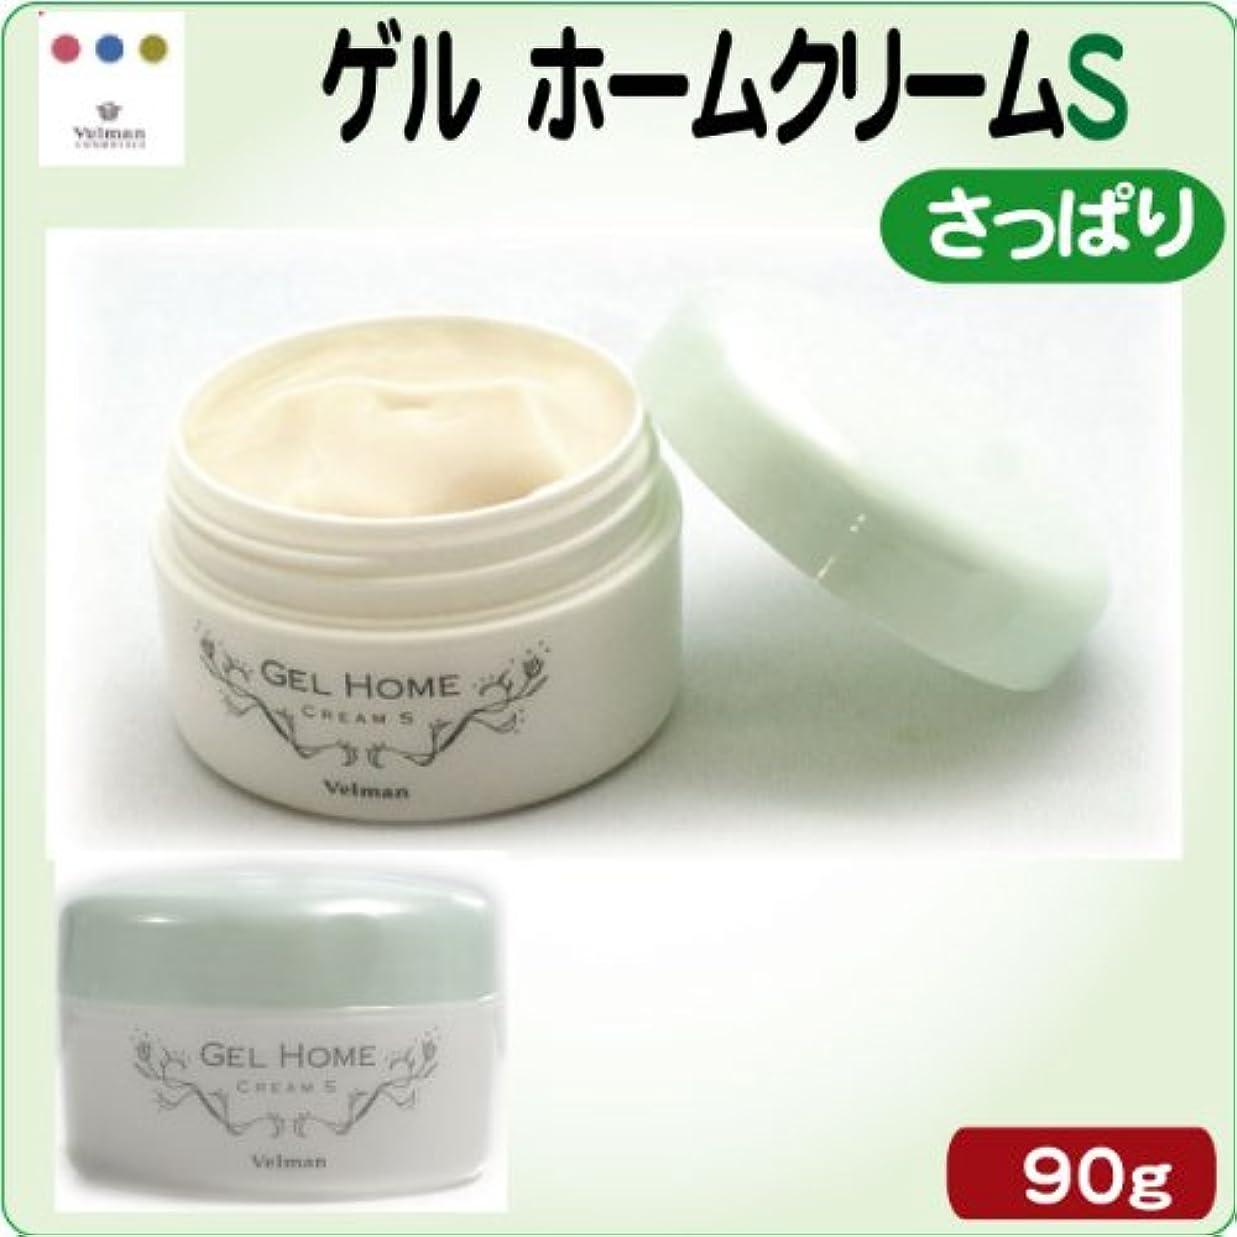 フィットネス南極先例ベルマン化粧品 NONLOOSE ゲルホームクリームS 【さっぱりタイプ】 90g